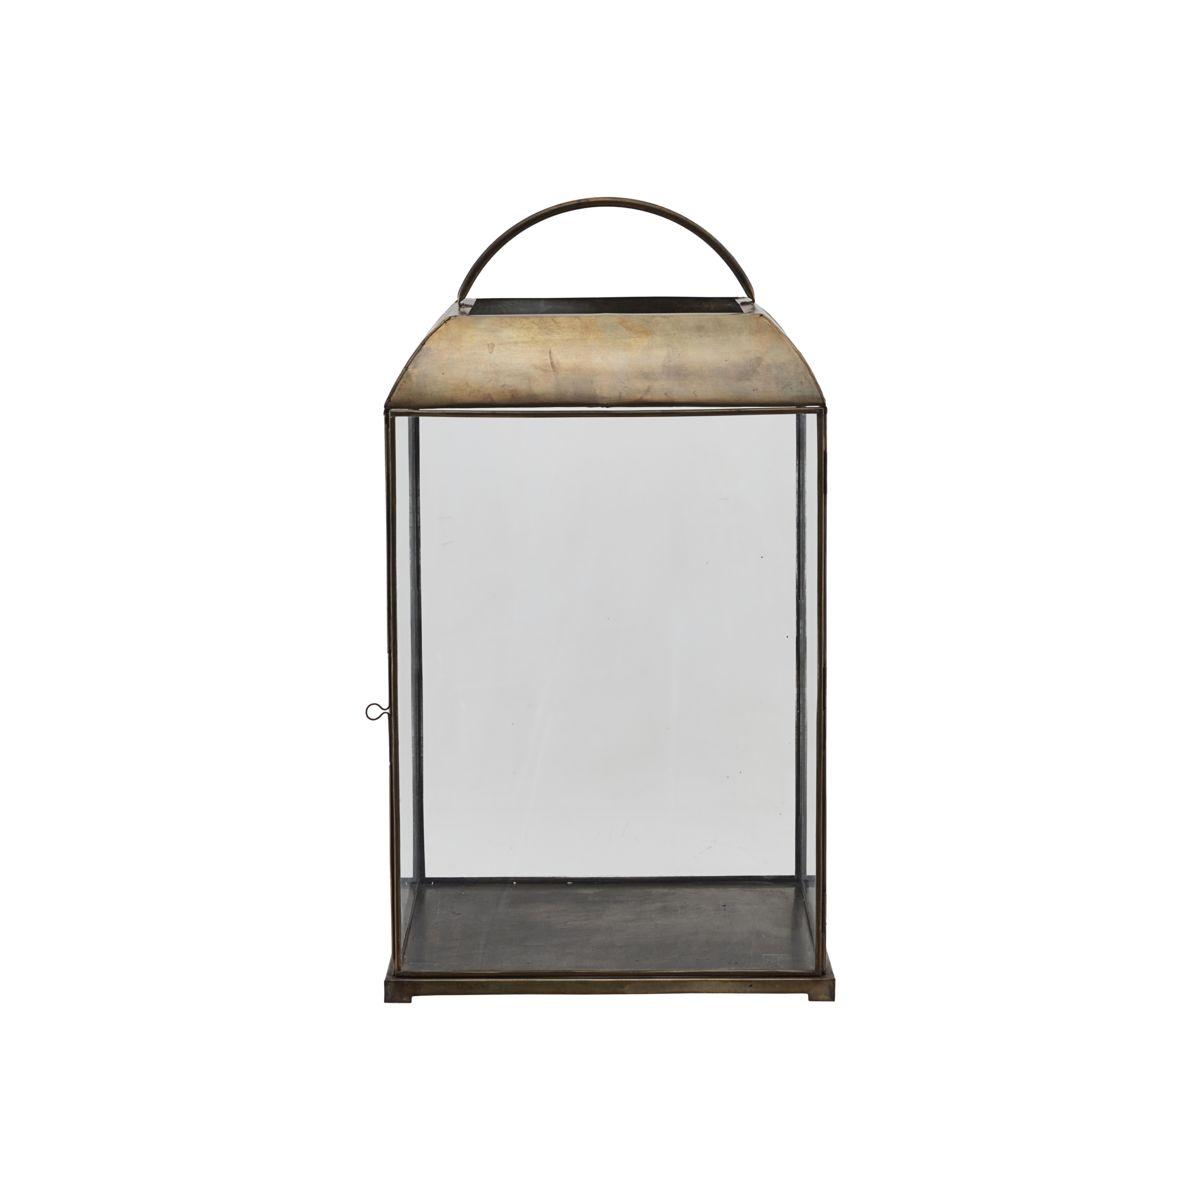 Sada 2 ks – Železná lucerna Mandurai – malá